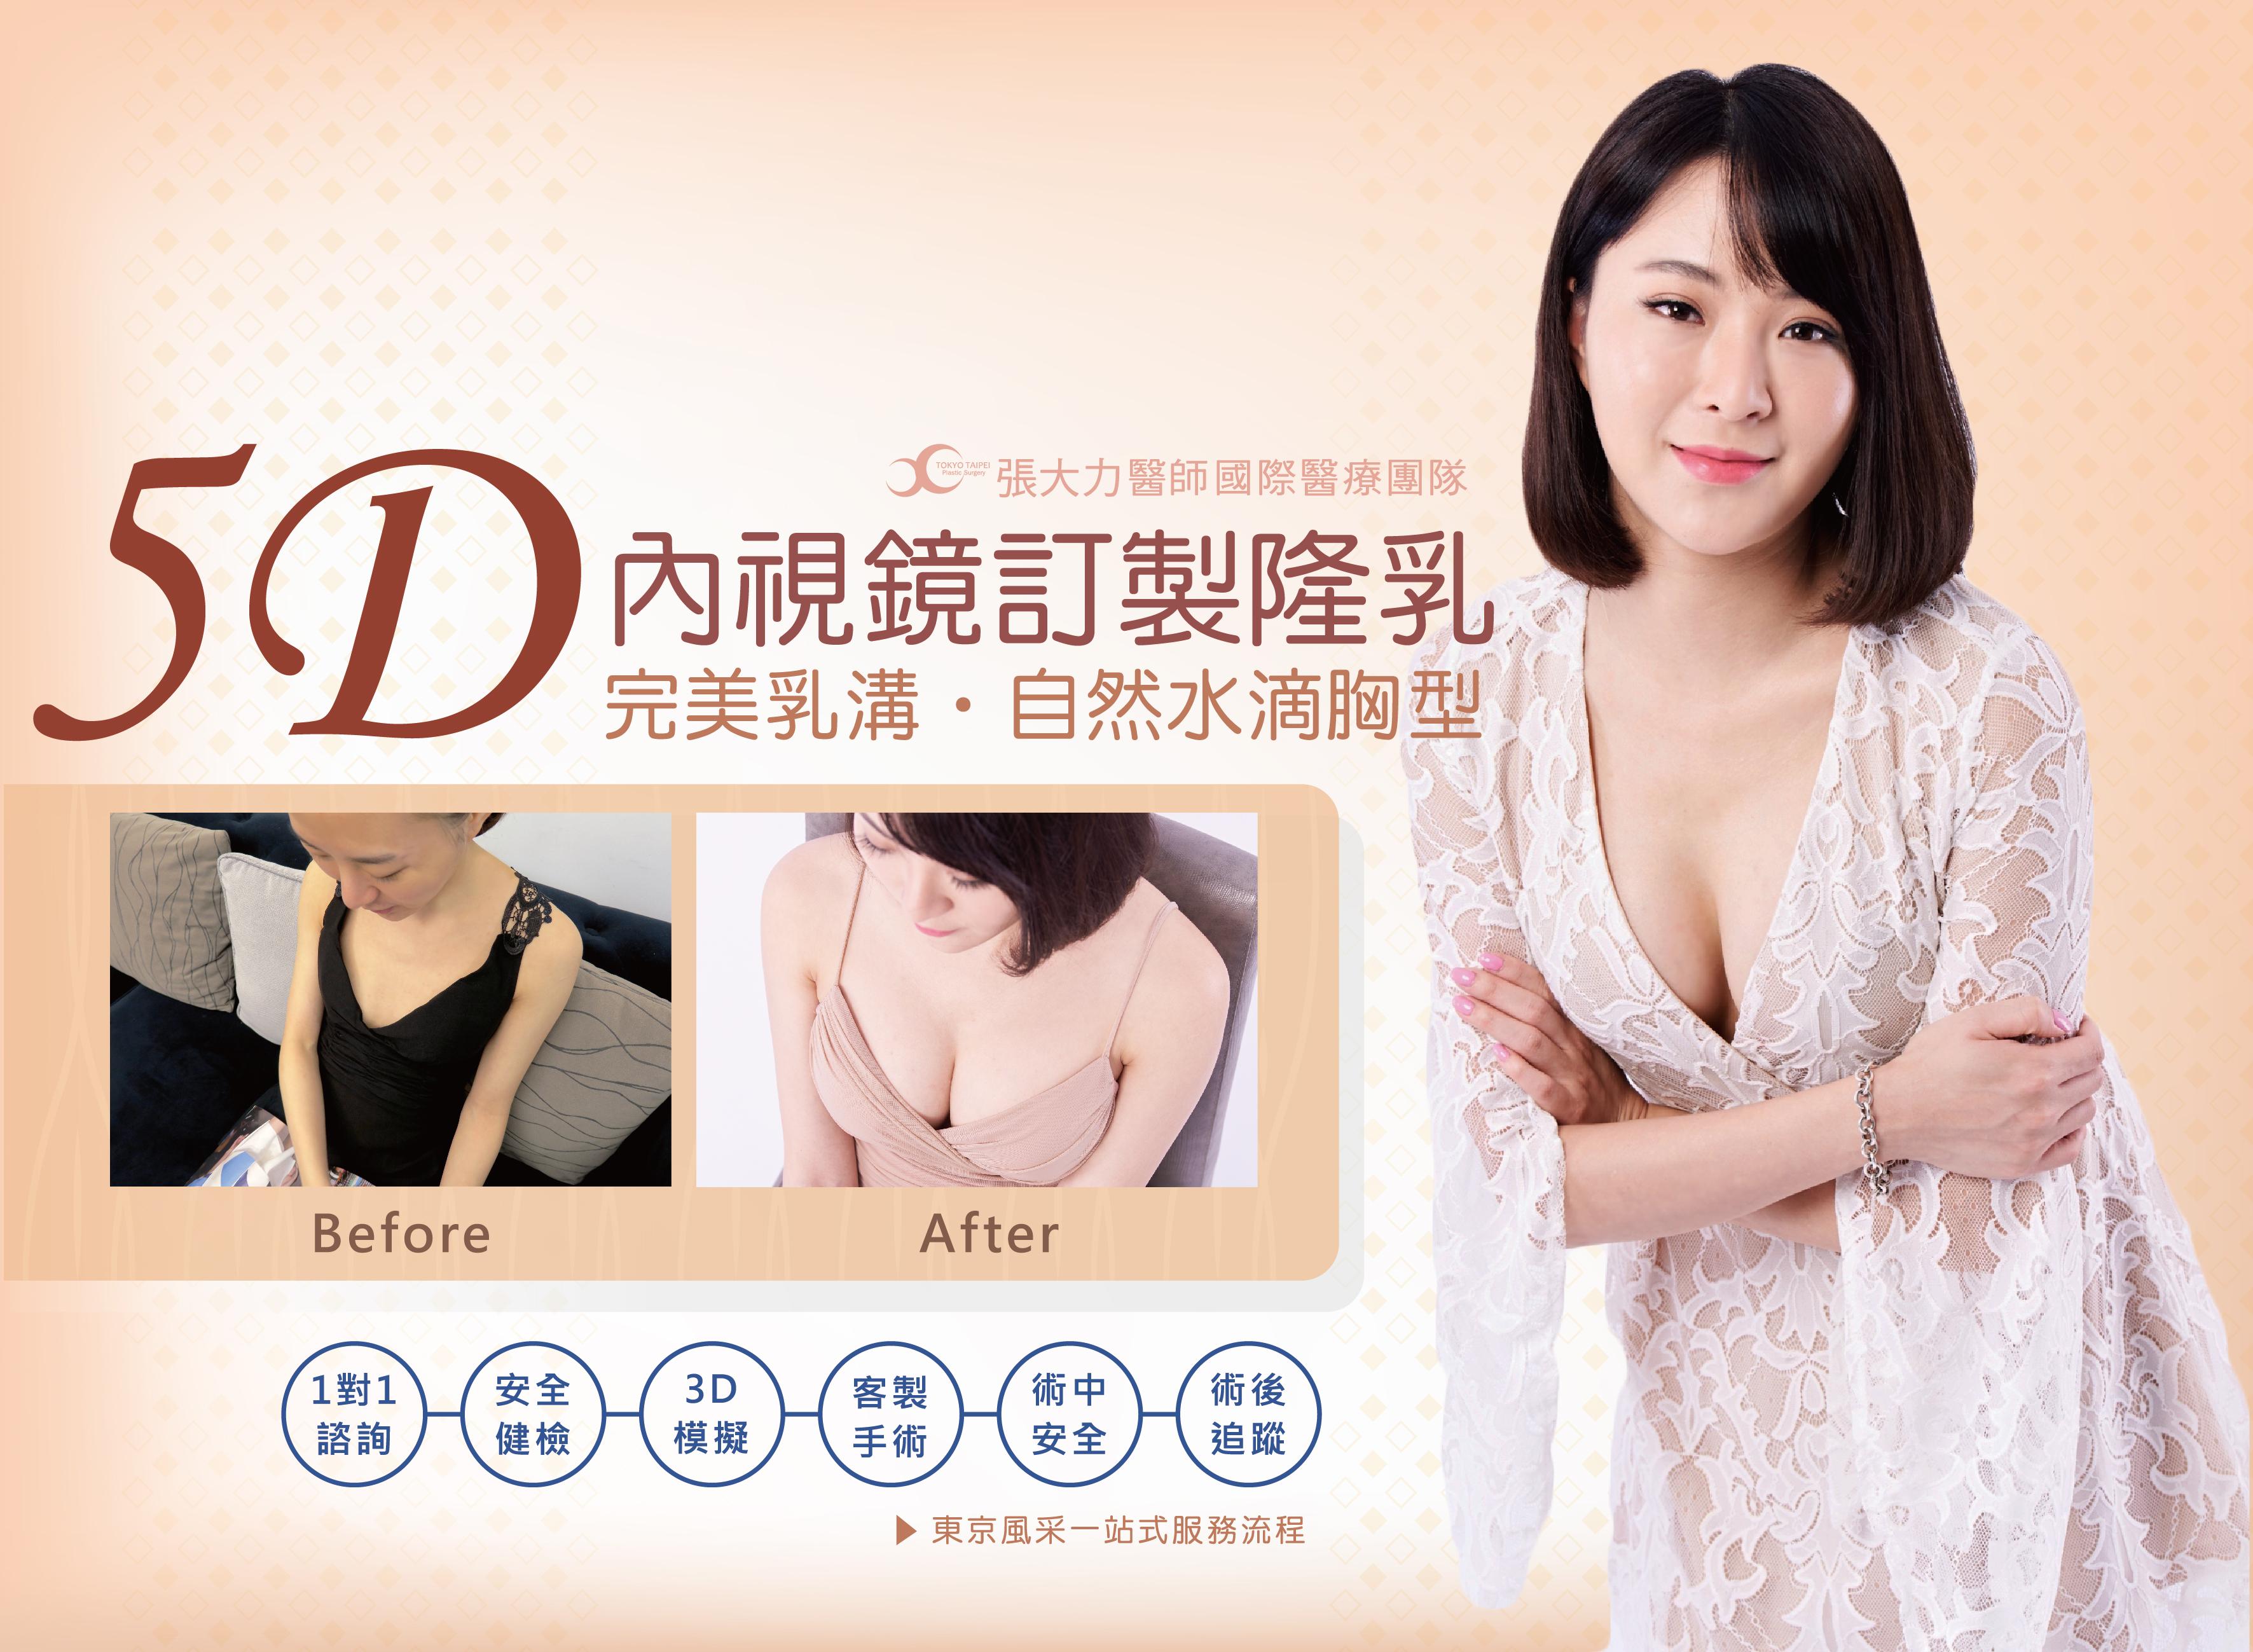 5D內視鏡訂製隆乳-東京風采